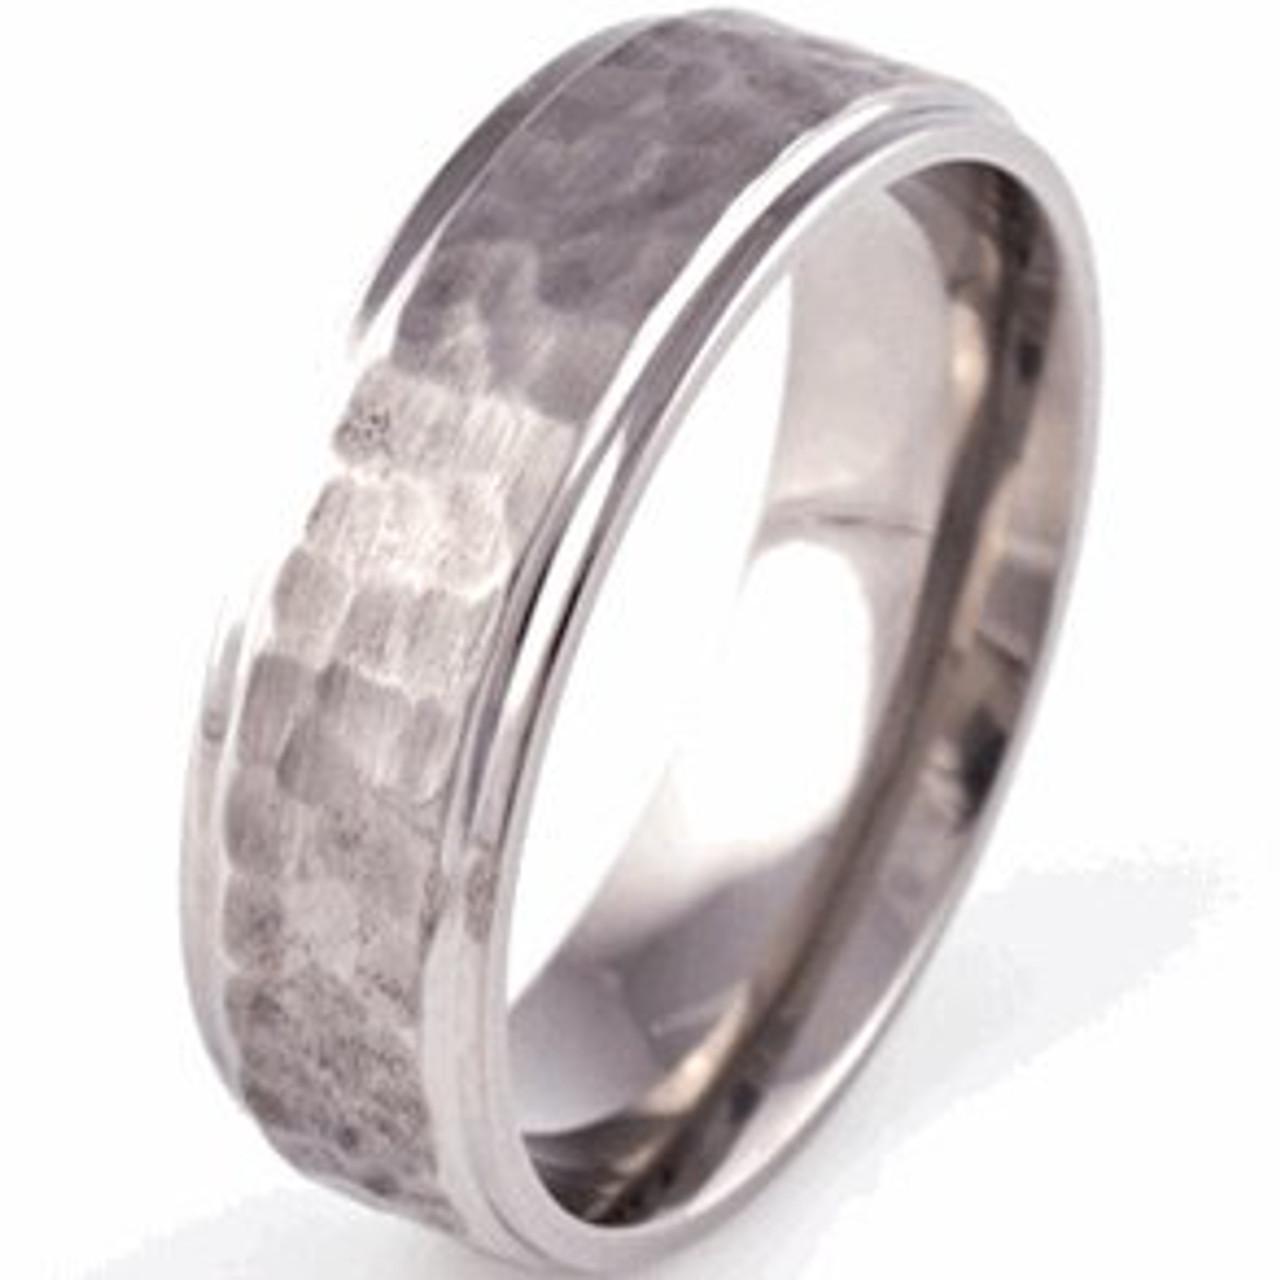 Grooved Edge Flat Profile Titanium Hammered Ring Unique